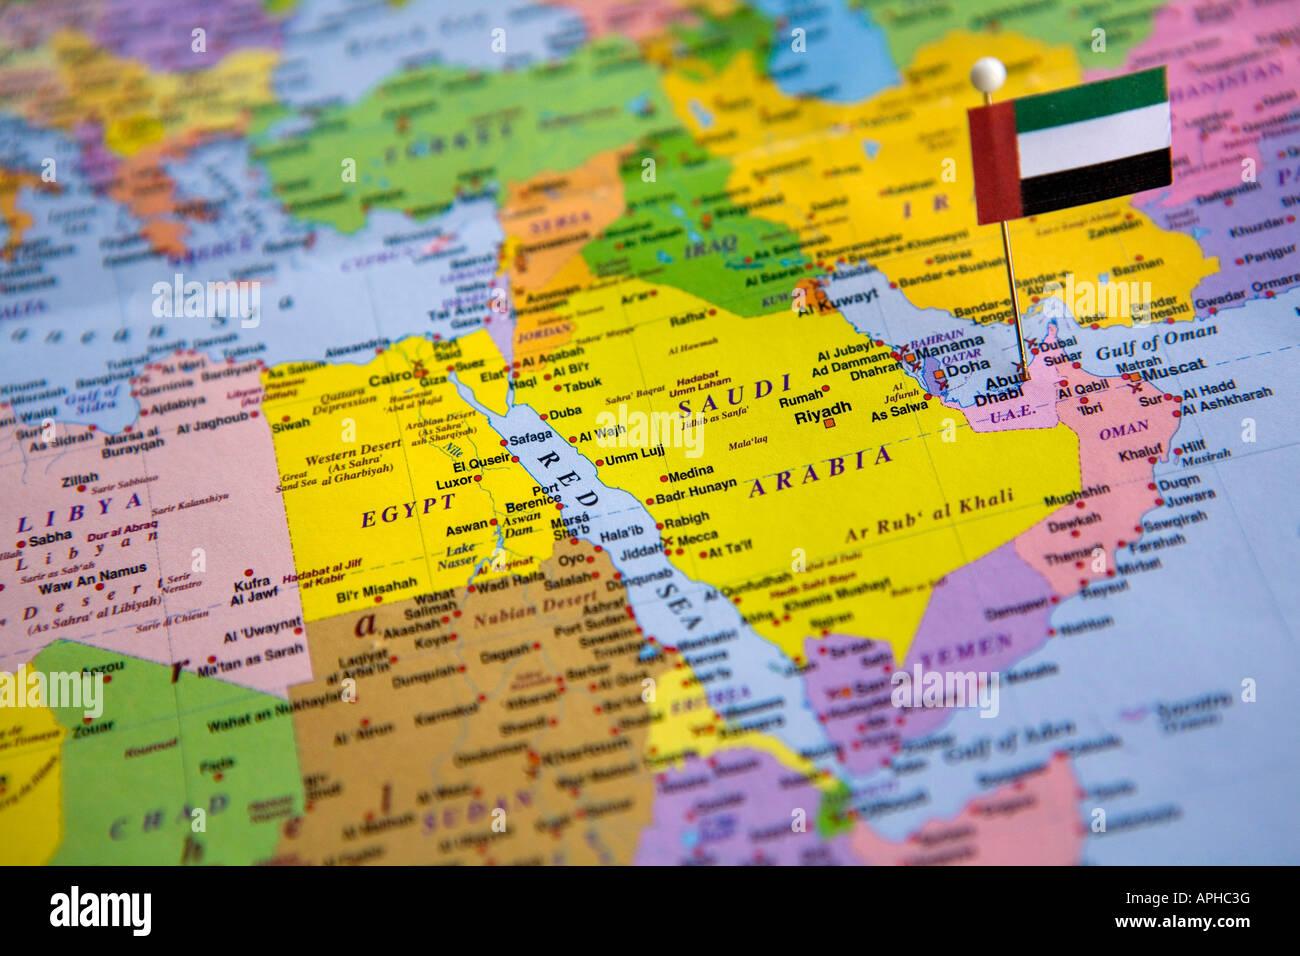 Doha Karte Welt.Vereinigte Arabische Emirate Karte Stockfotos Vereinigte